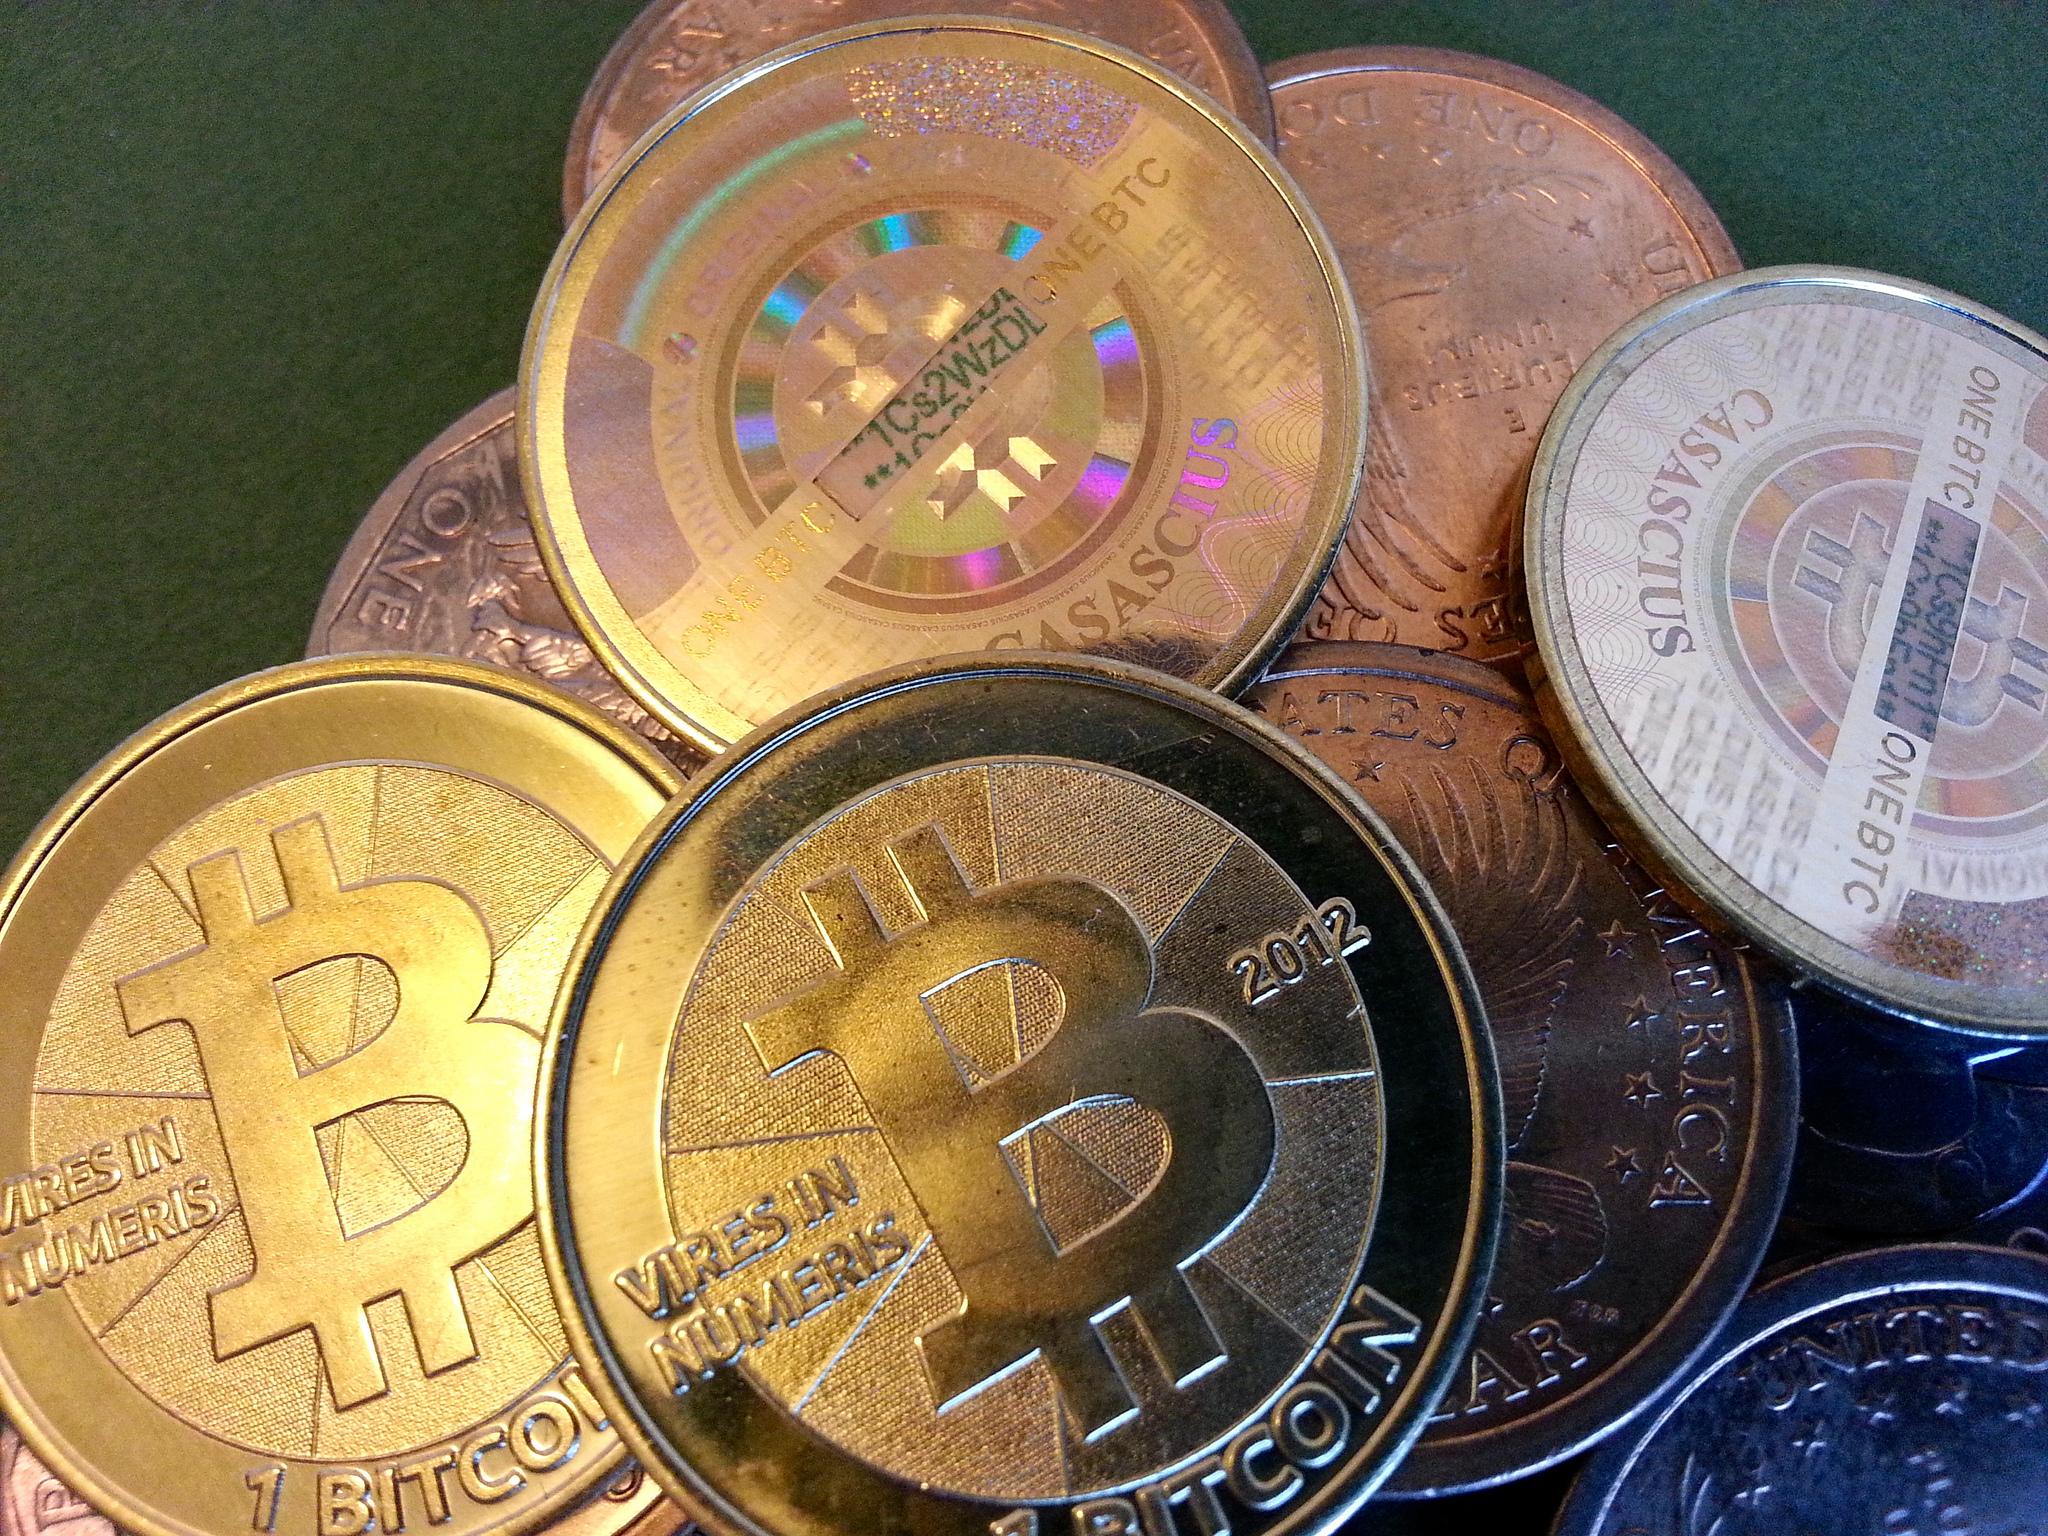 Bitcoin.com startet eigenes Casino und Bitcoin Erfinder enthüllt